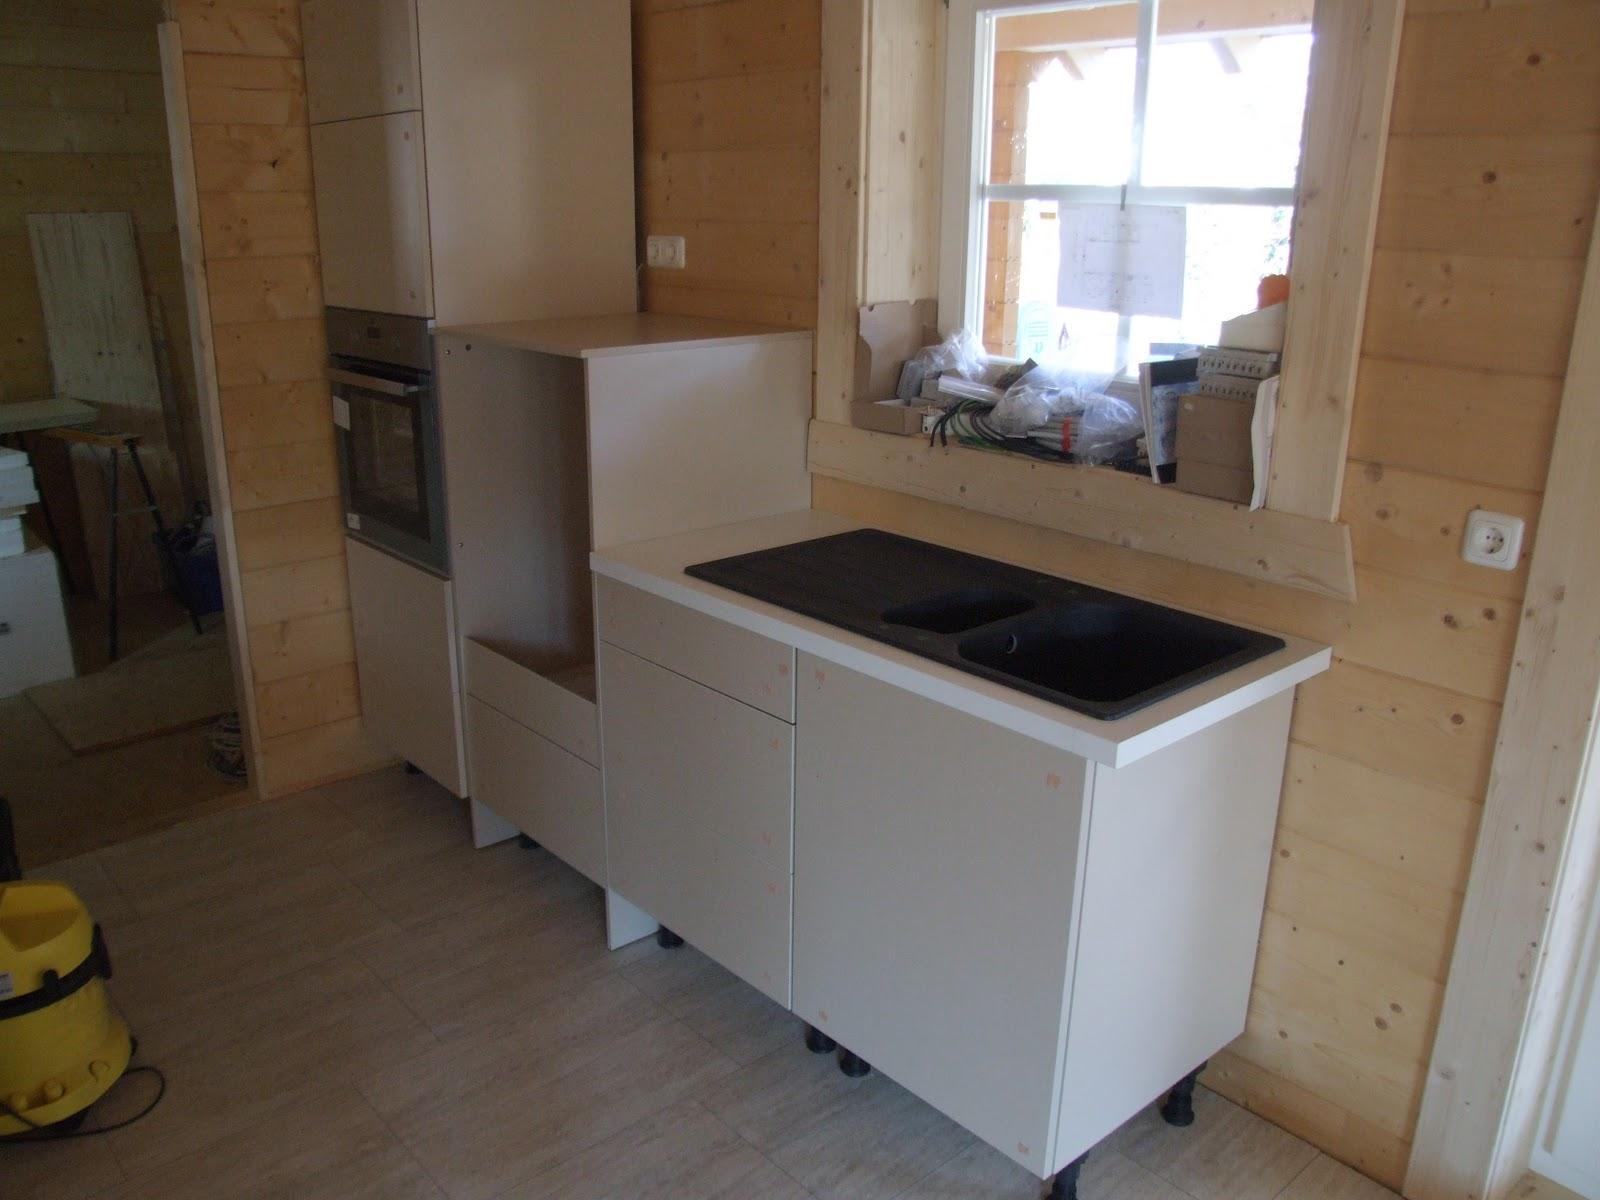 maison en bois leonwood la cuisine pose de l vier de la plaque induction. Black Bedroom Furniture Sets. Home Design Ideas